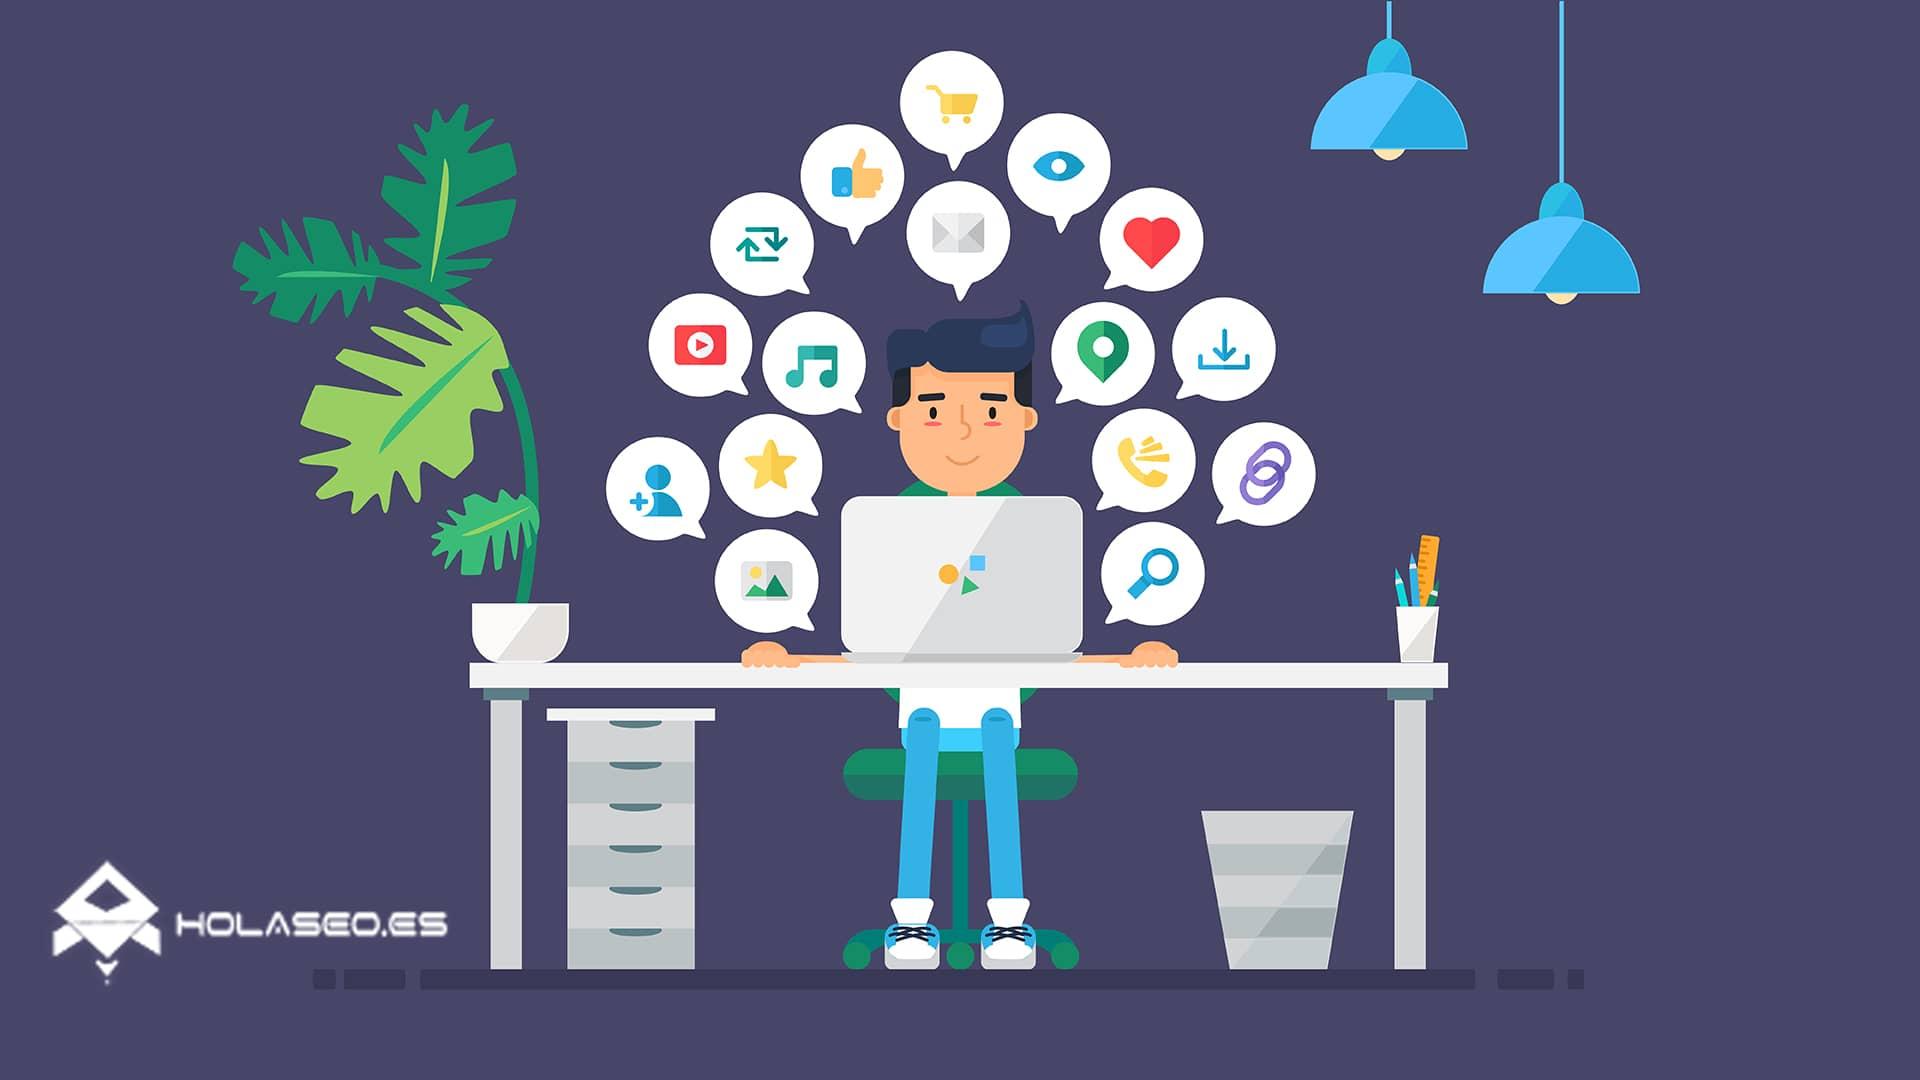 redes sociales más usadas en España